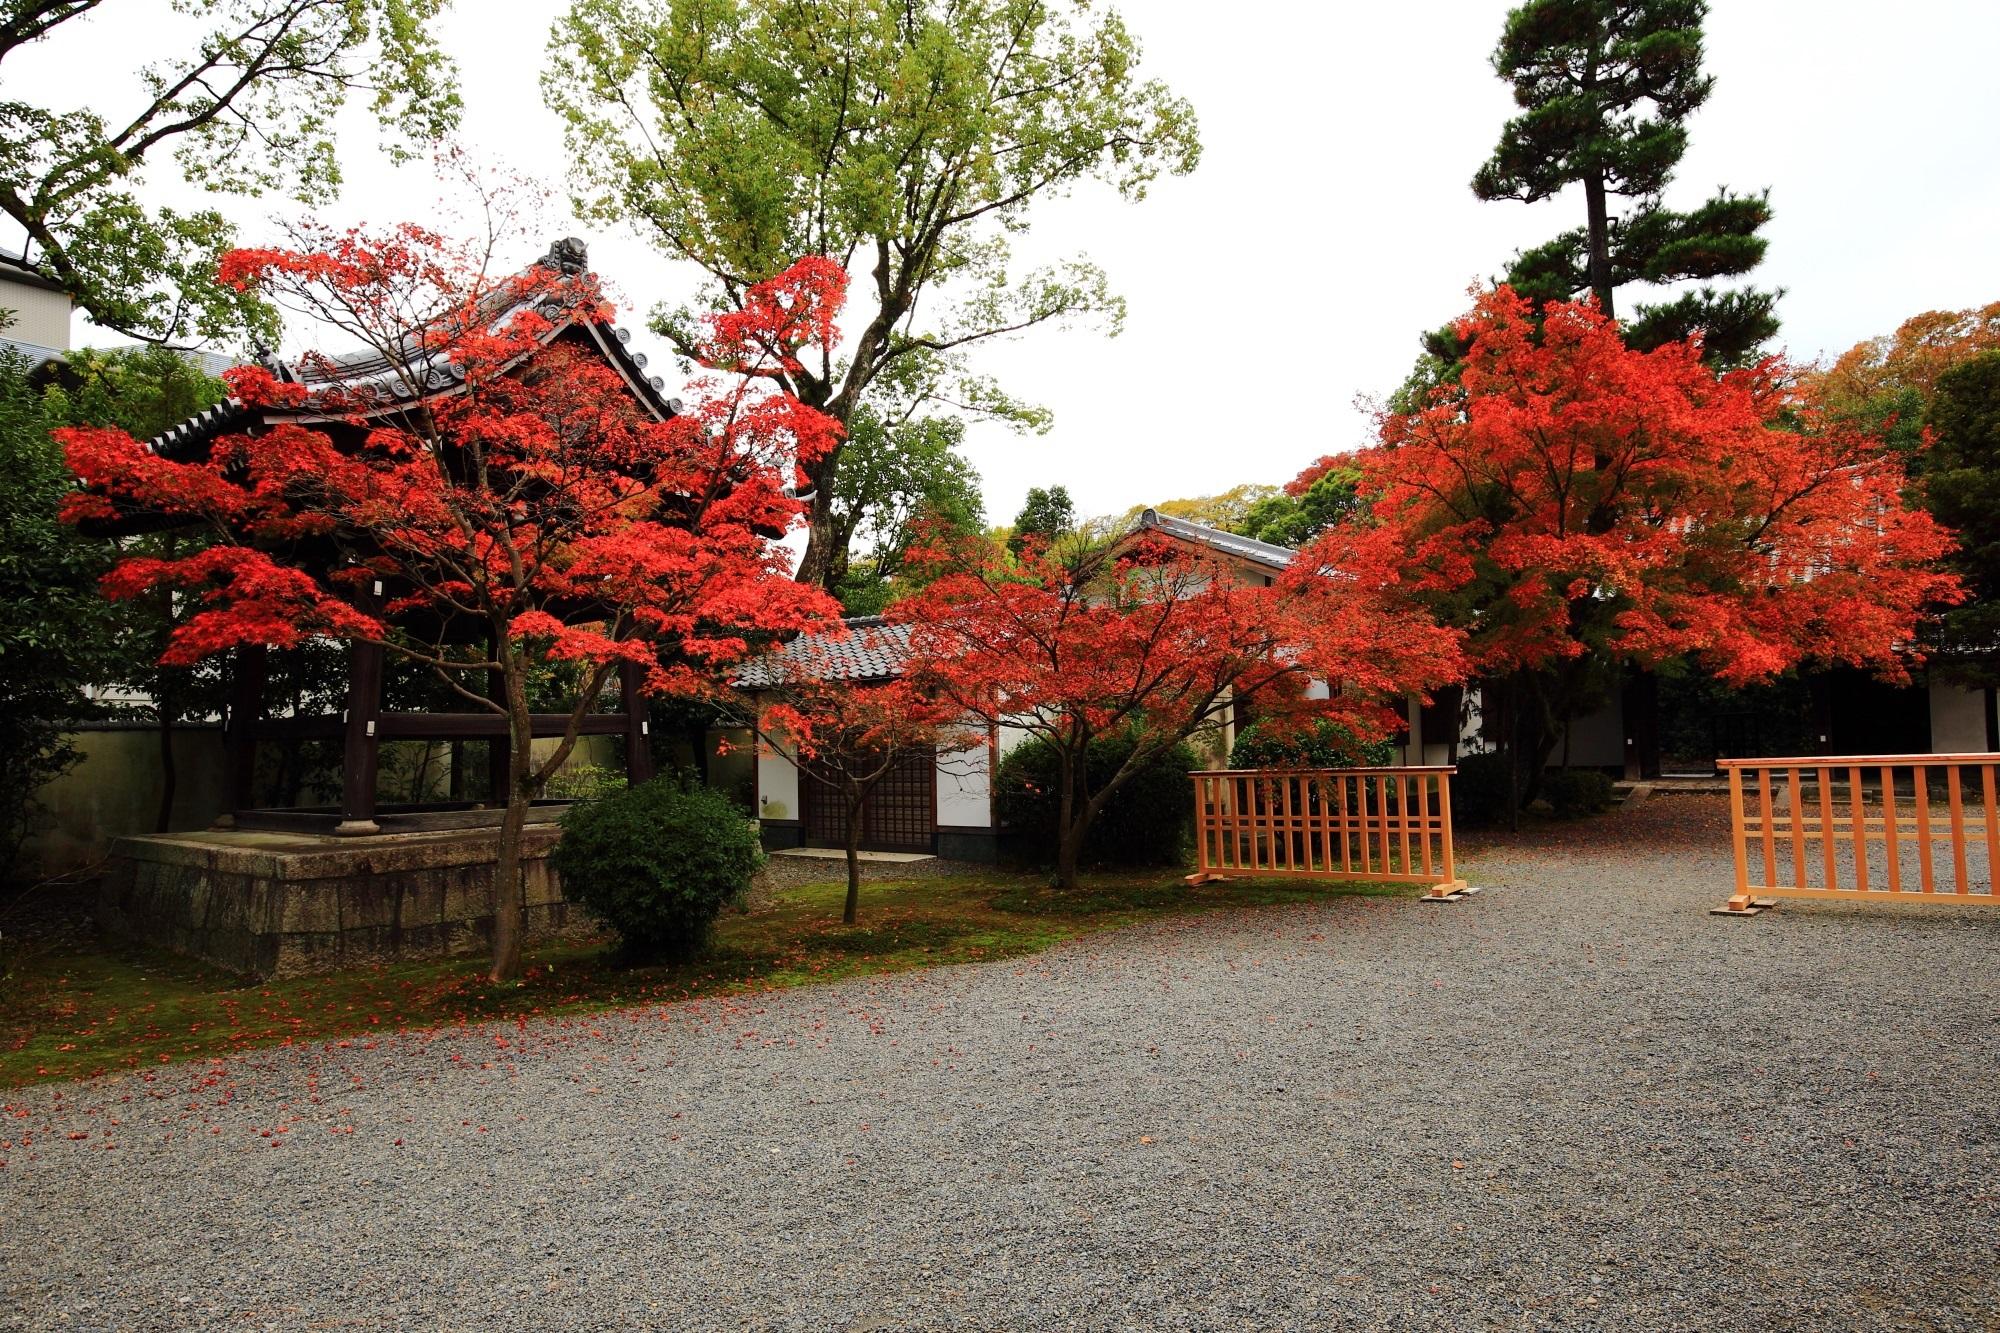 流れるように境内を彩る見事な紅葉